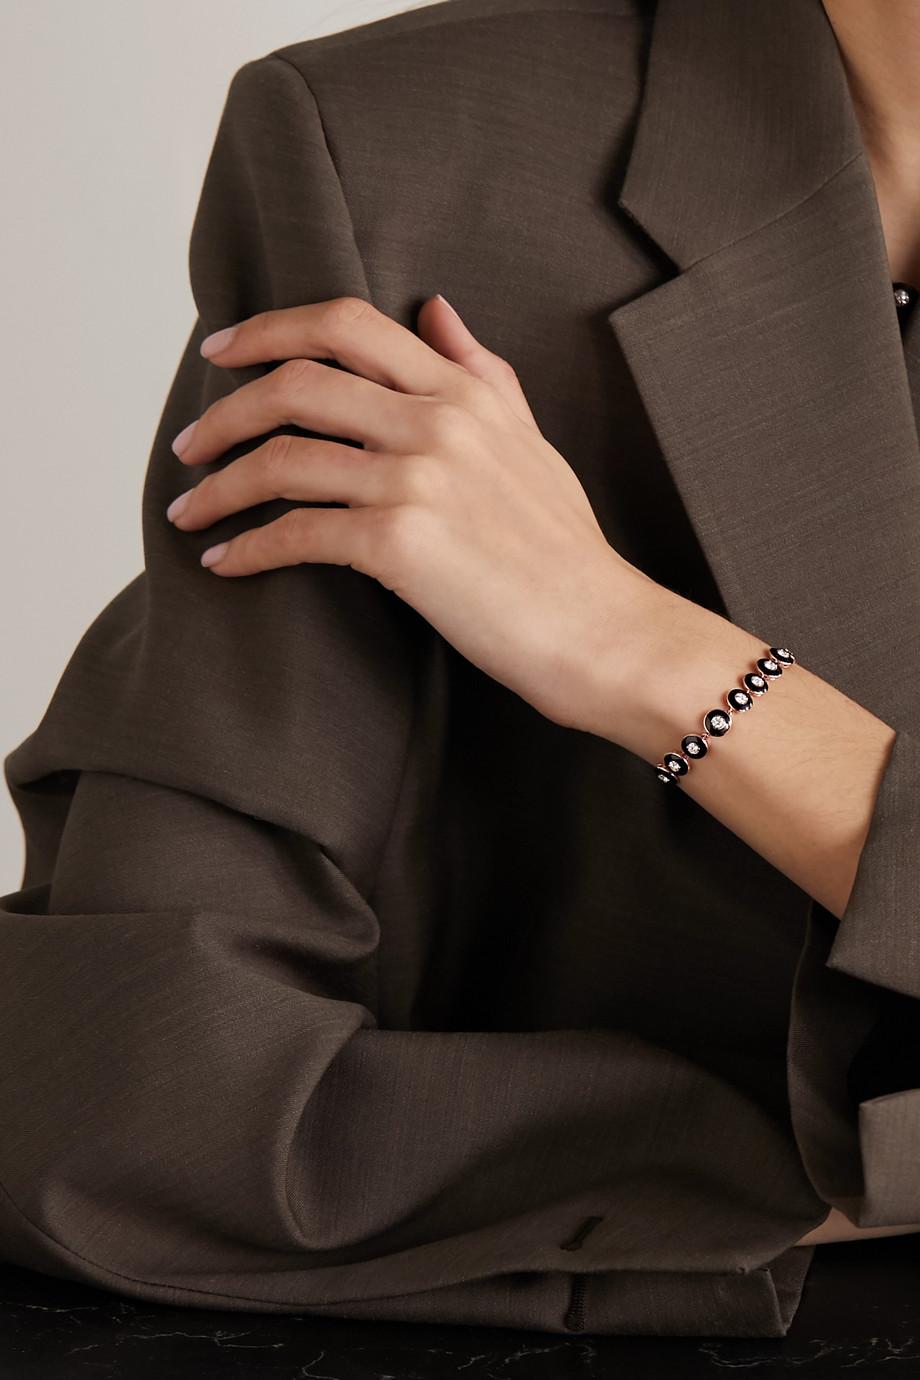 Selim Mouzannar Mina Armband aus 18 Karat Roségold mit Emaille und Diamanten